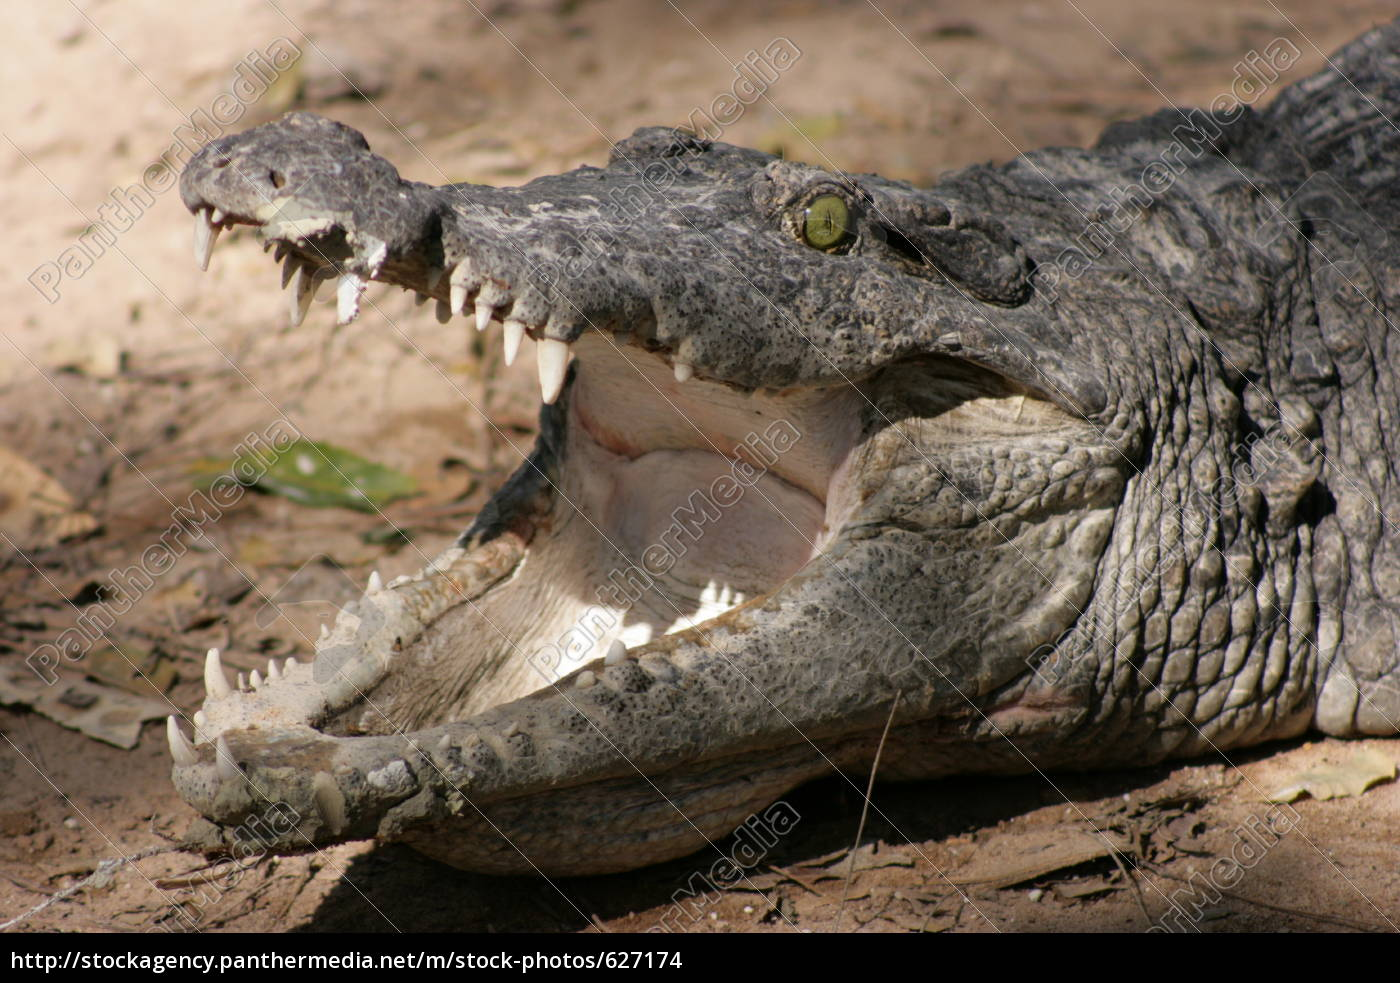 alligator - 627174